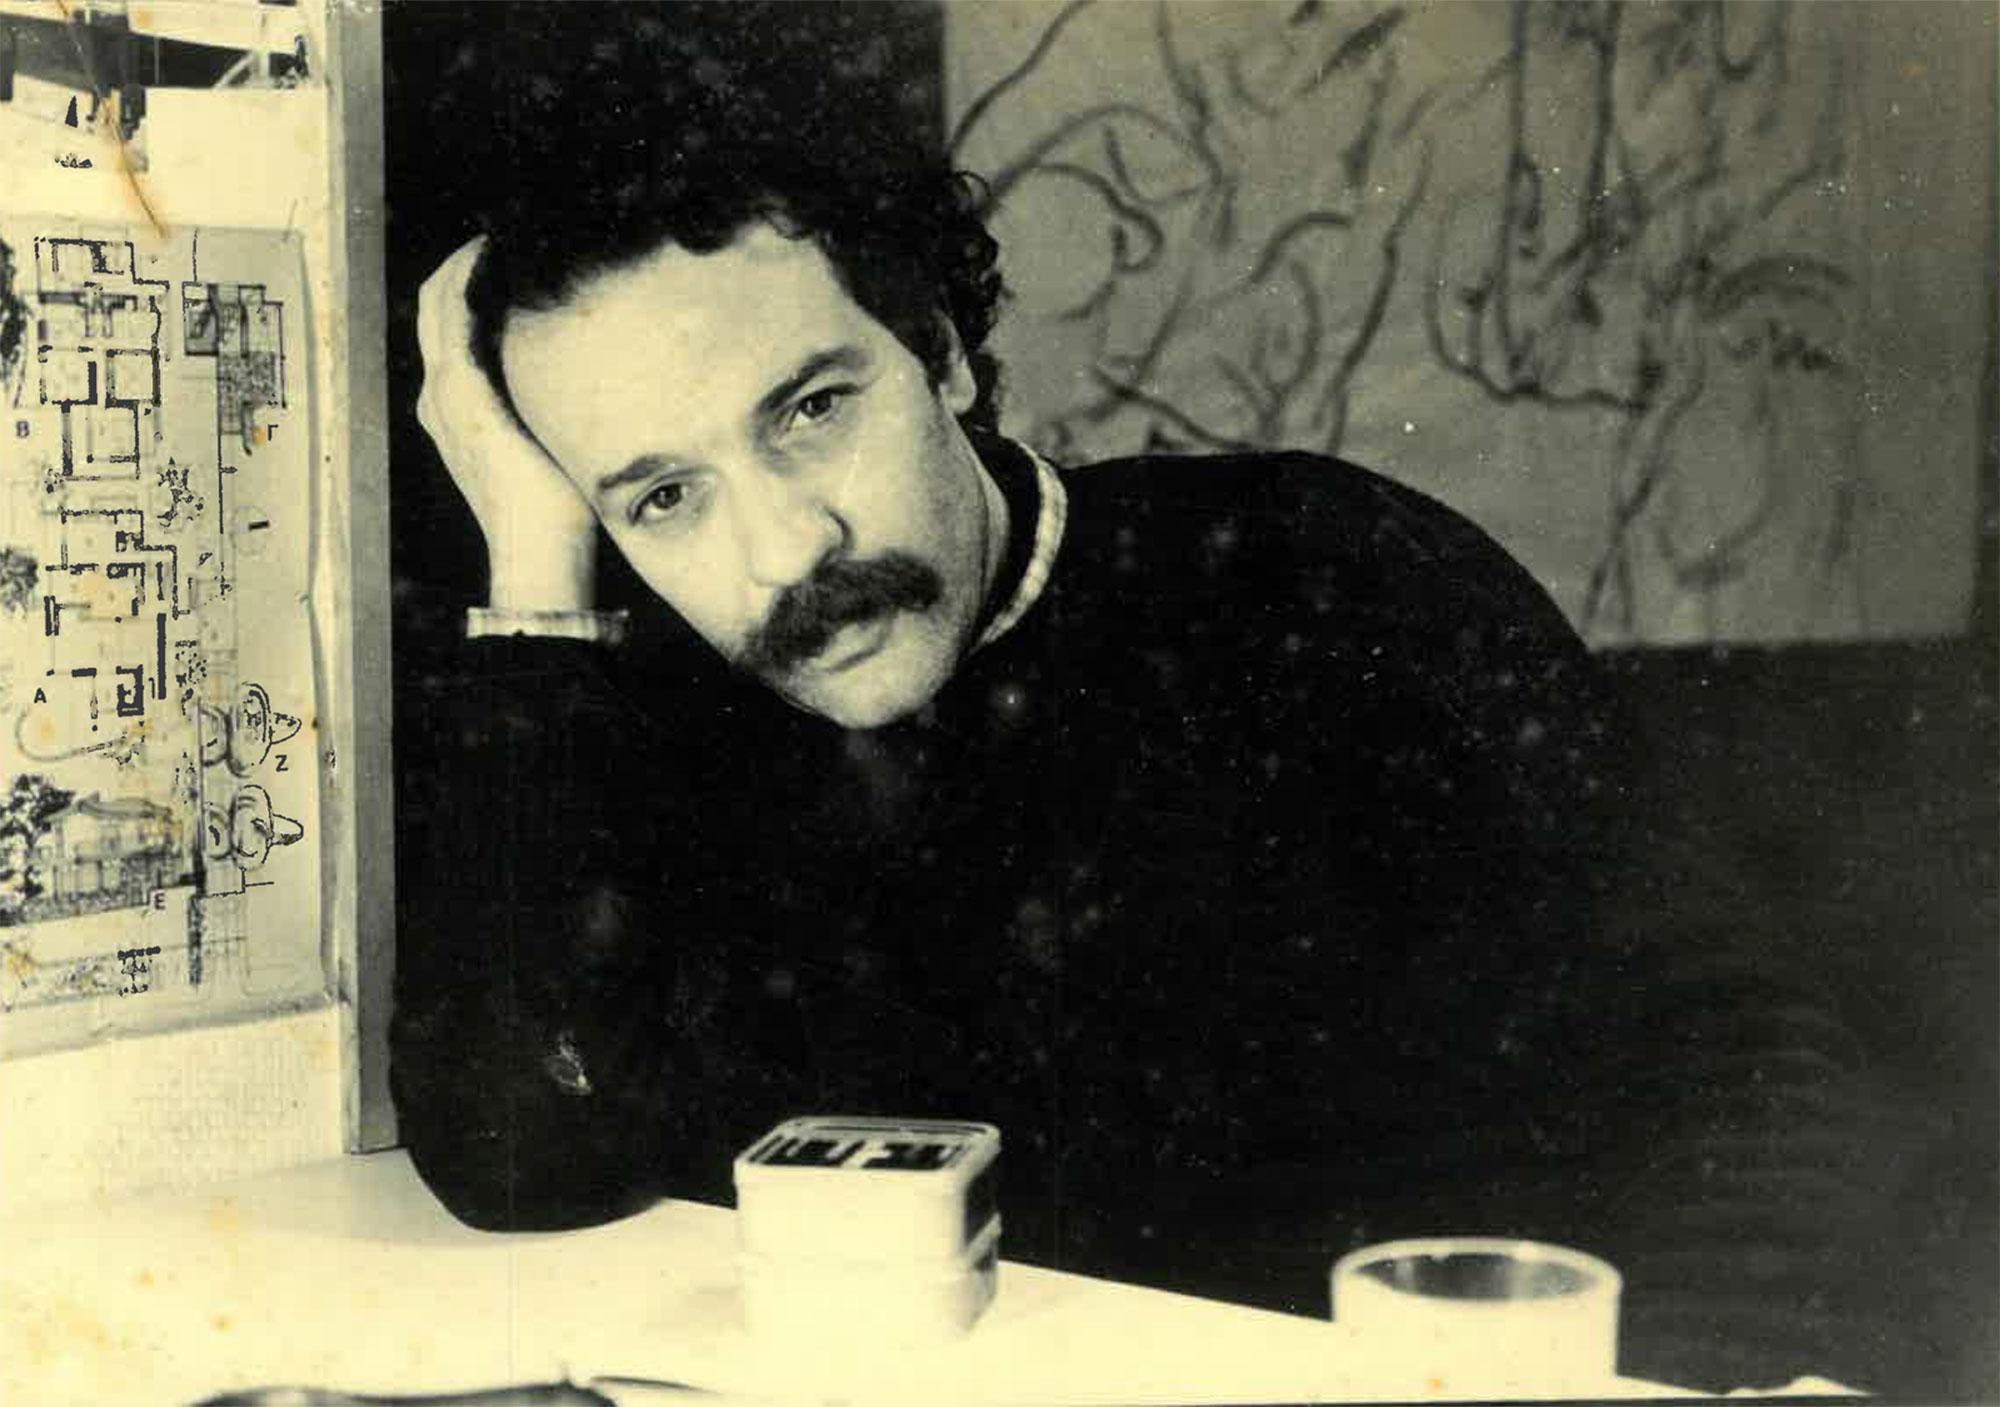 Αφιέρωμα στον αρχιτέκτονα Ηλία Παπαγιαννόπουλο (1939 – 1998)